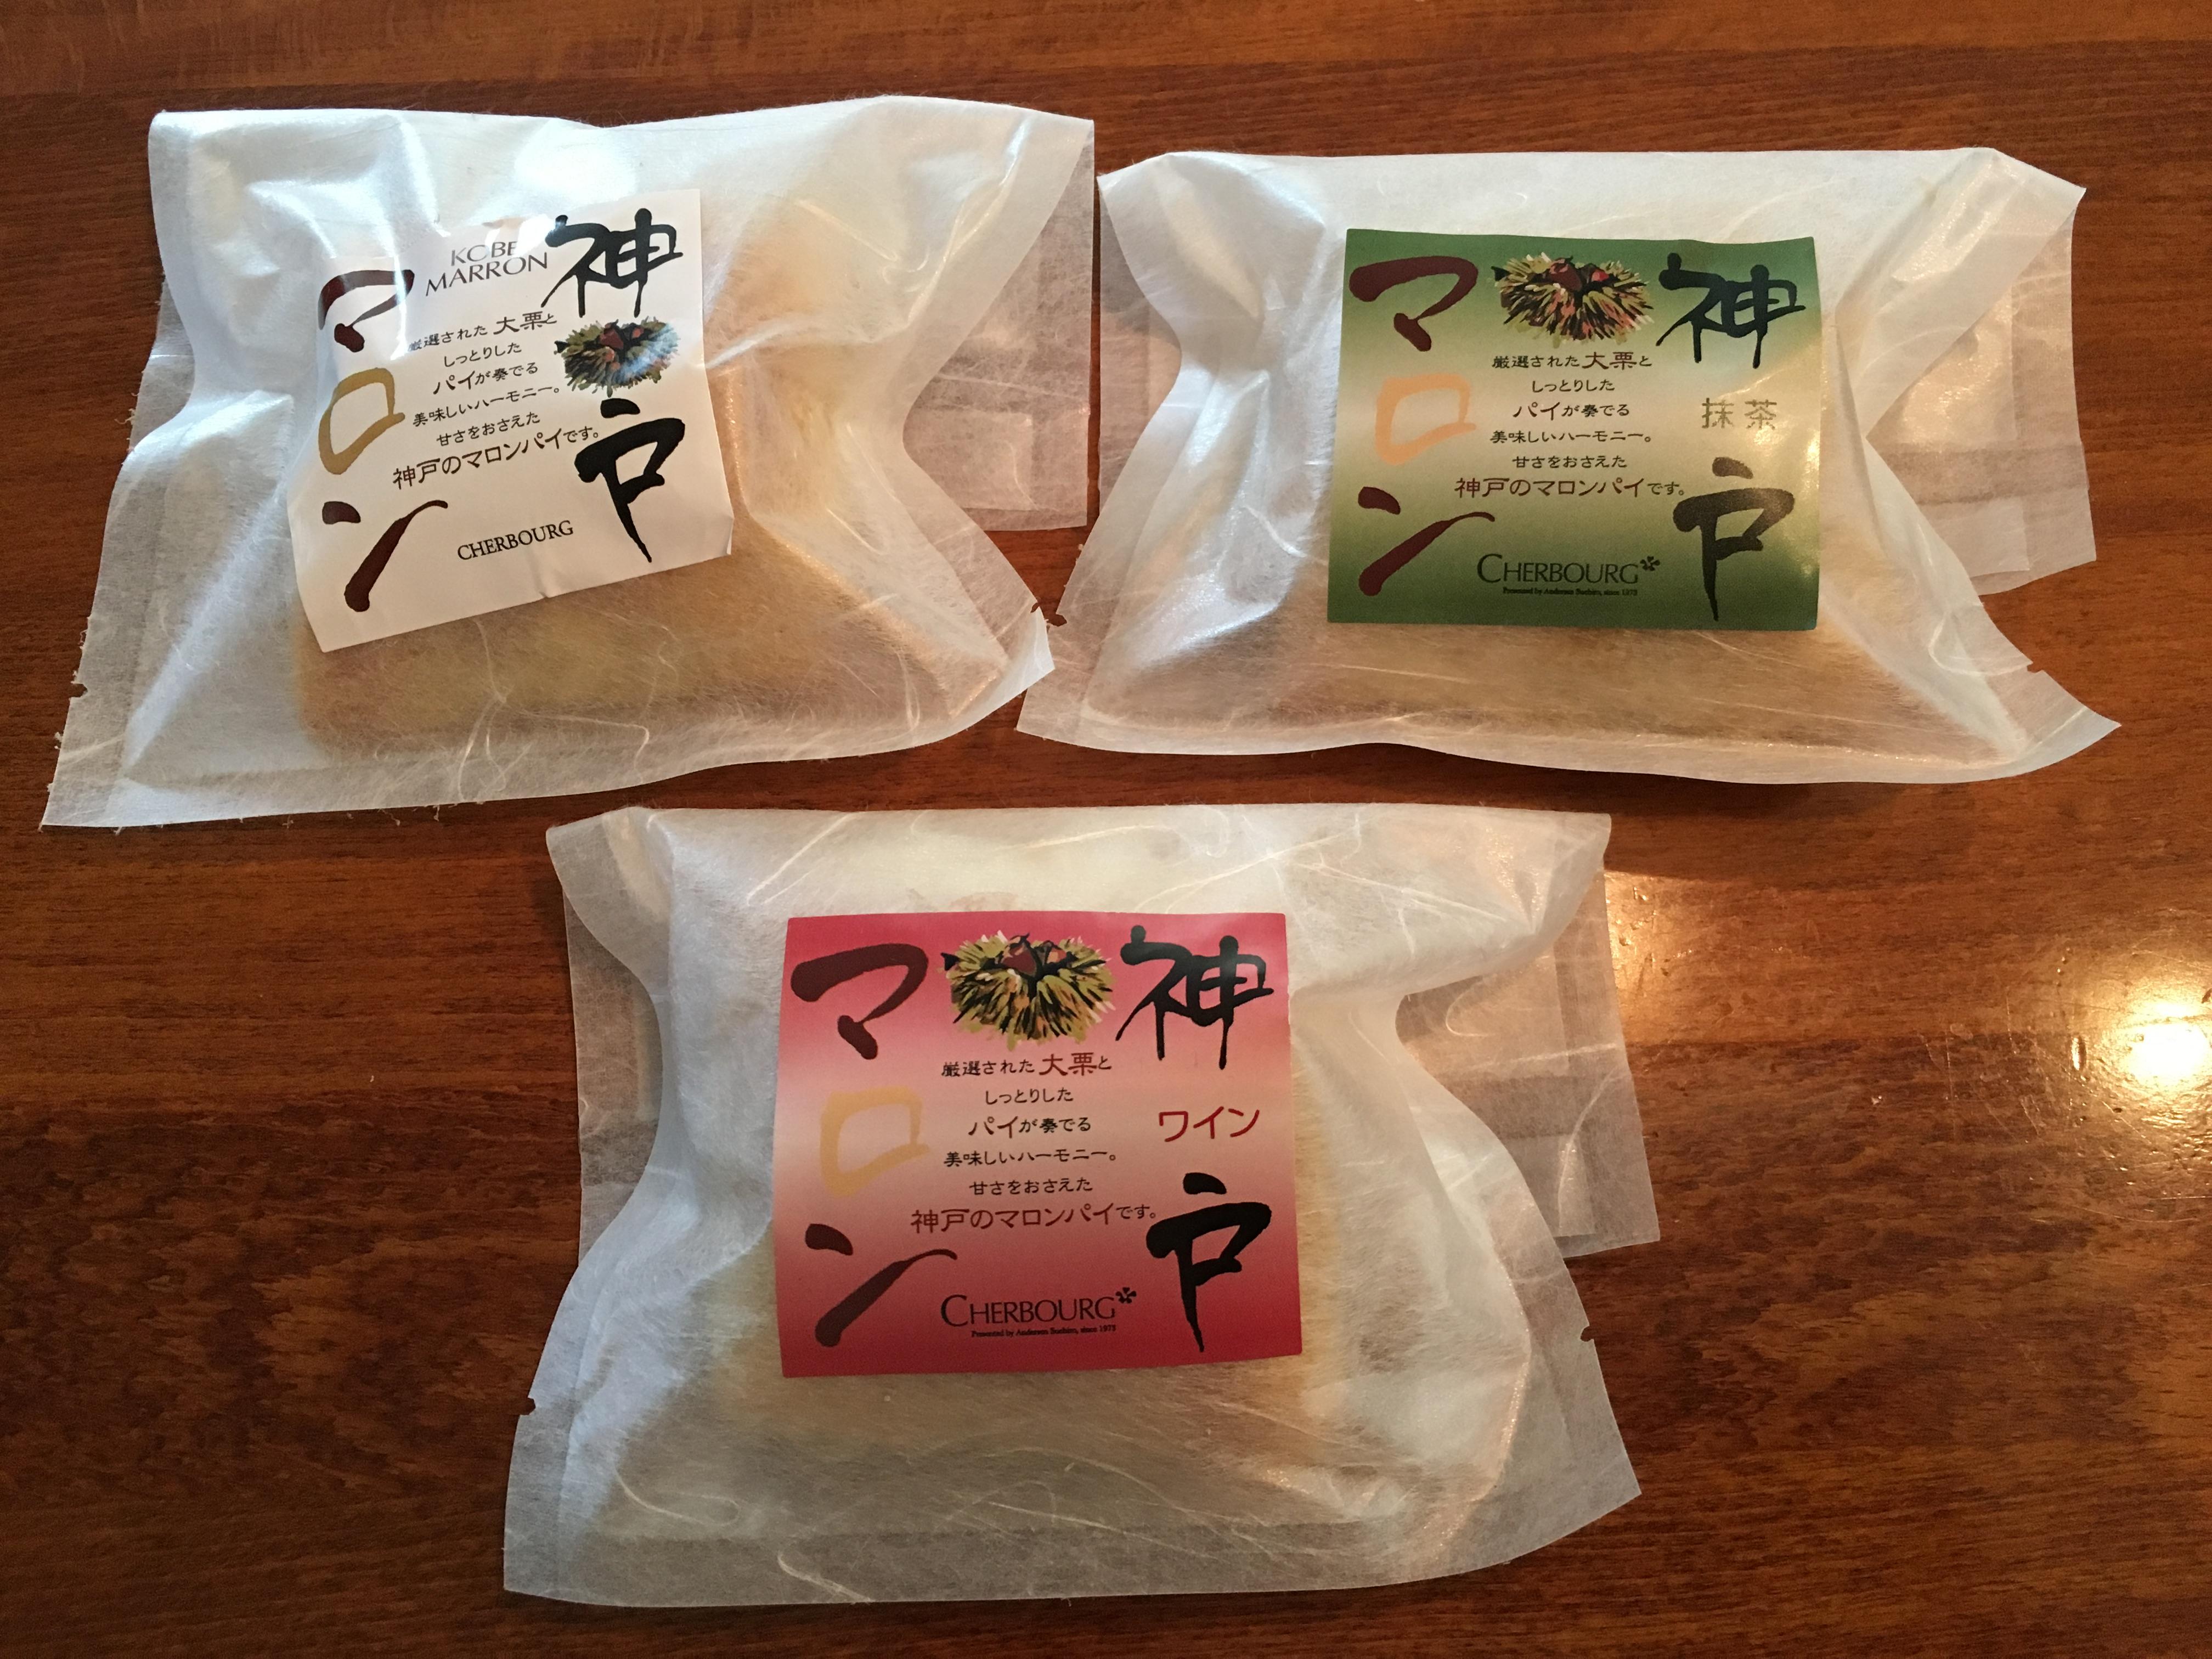 人気の神戸マロンの中身が凄い!実際に3種類食べてみた味の感想をレビュー!